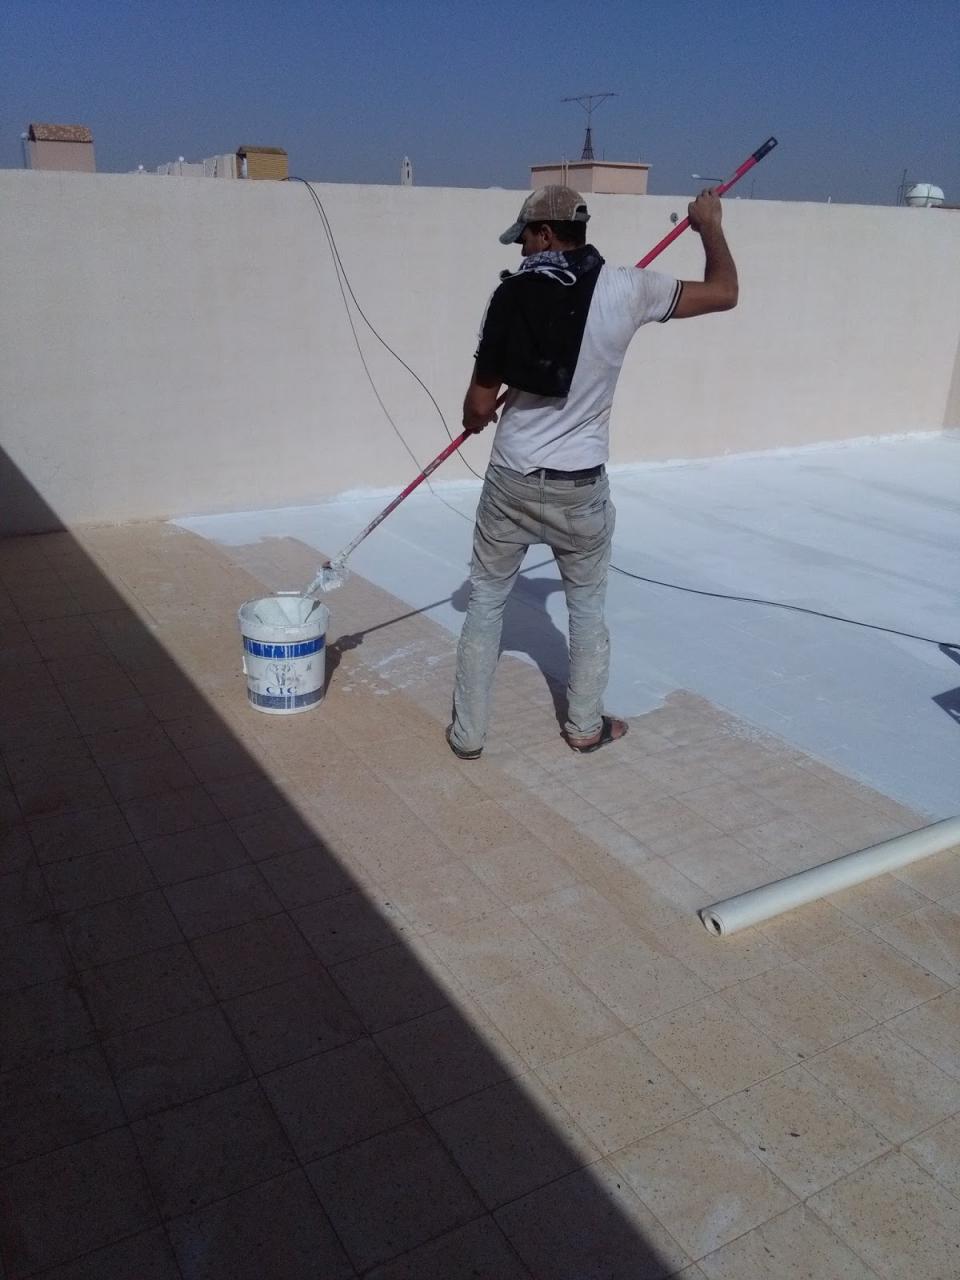 صورة حل مشكلة تسرب المياه من السطح , حلول ساحرة لتسريب المياه